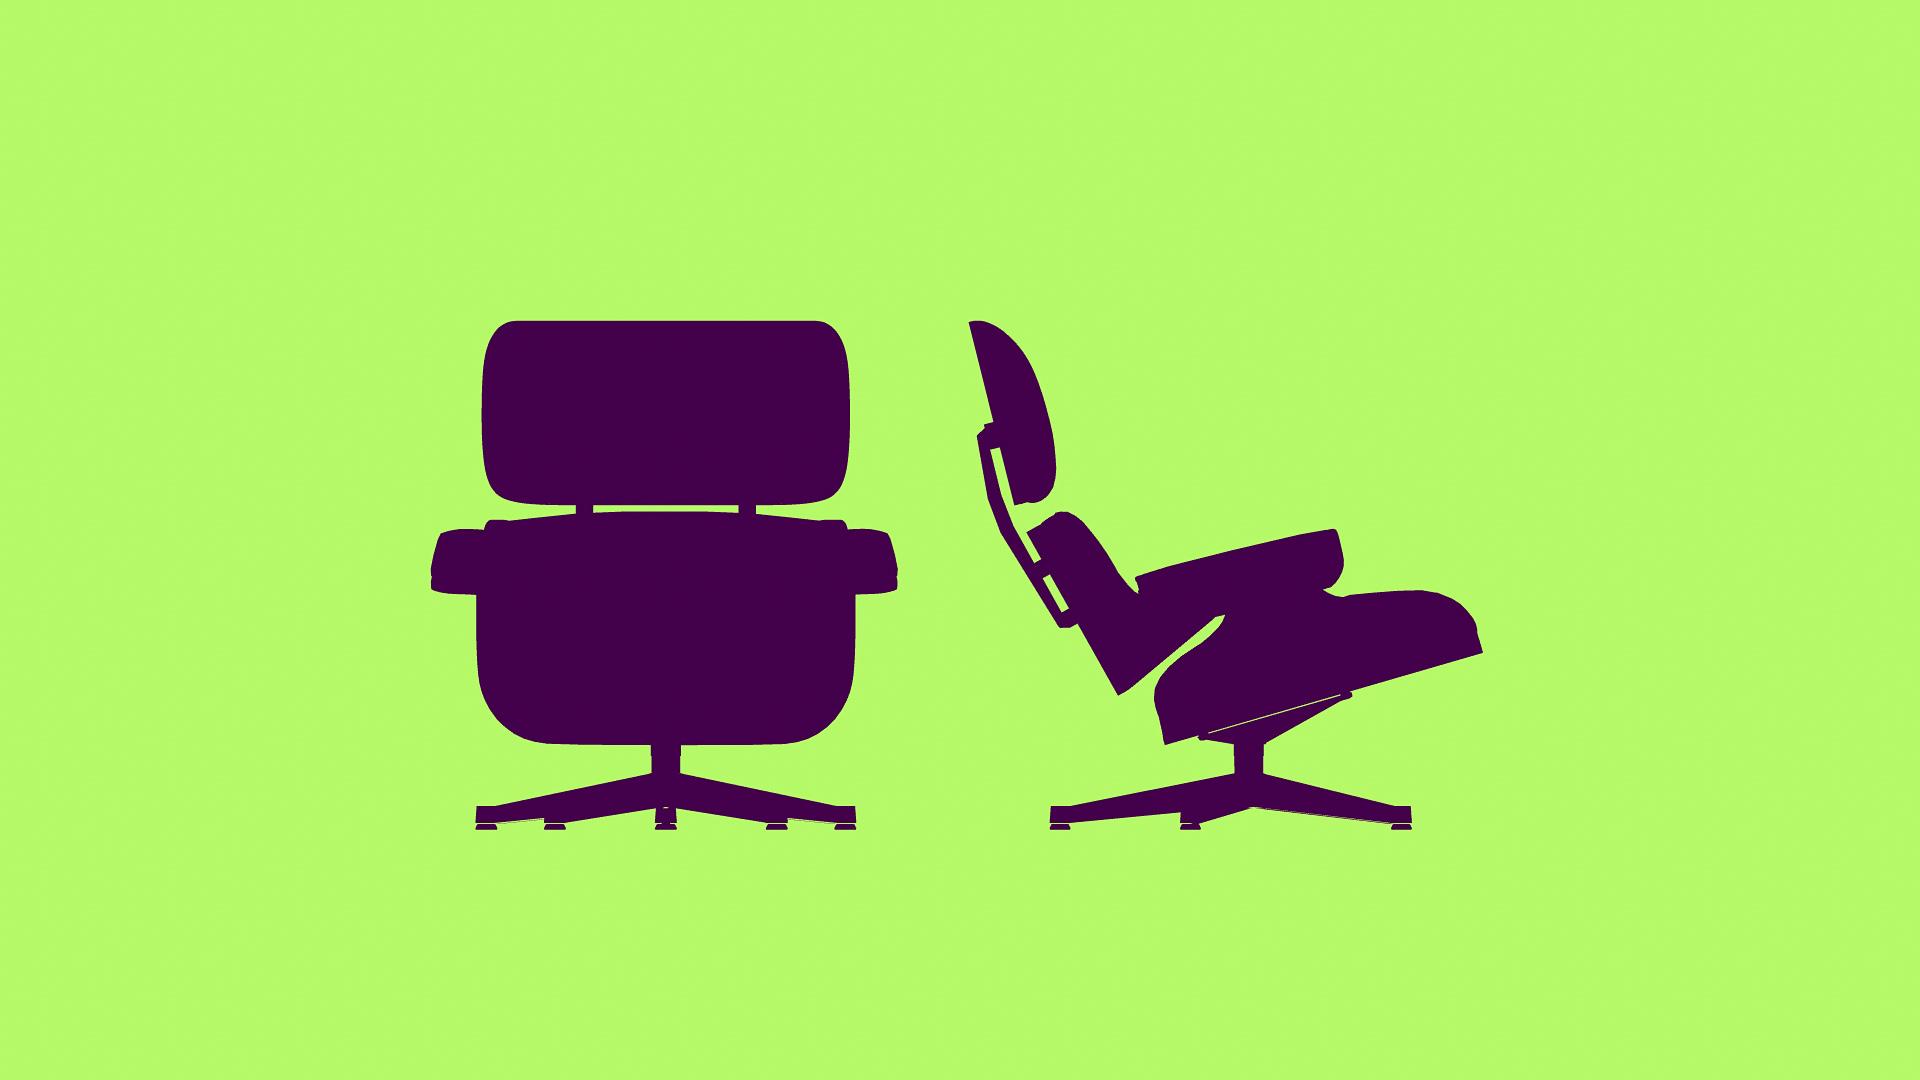 silhouette-eames-chair-2_edited